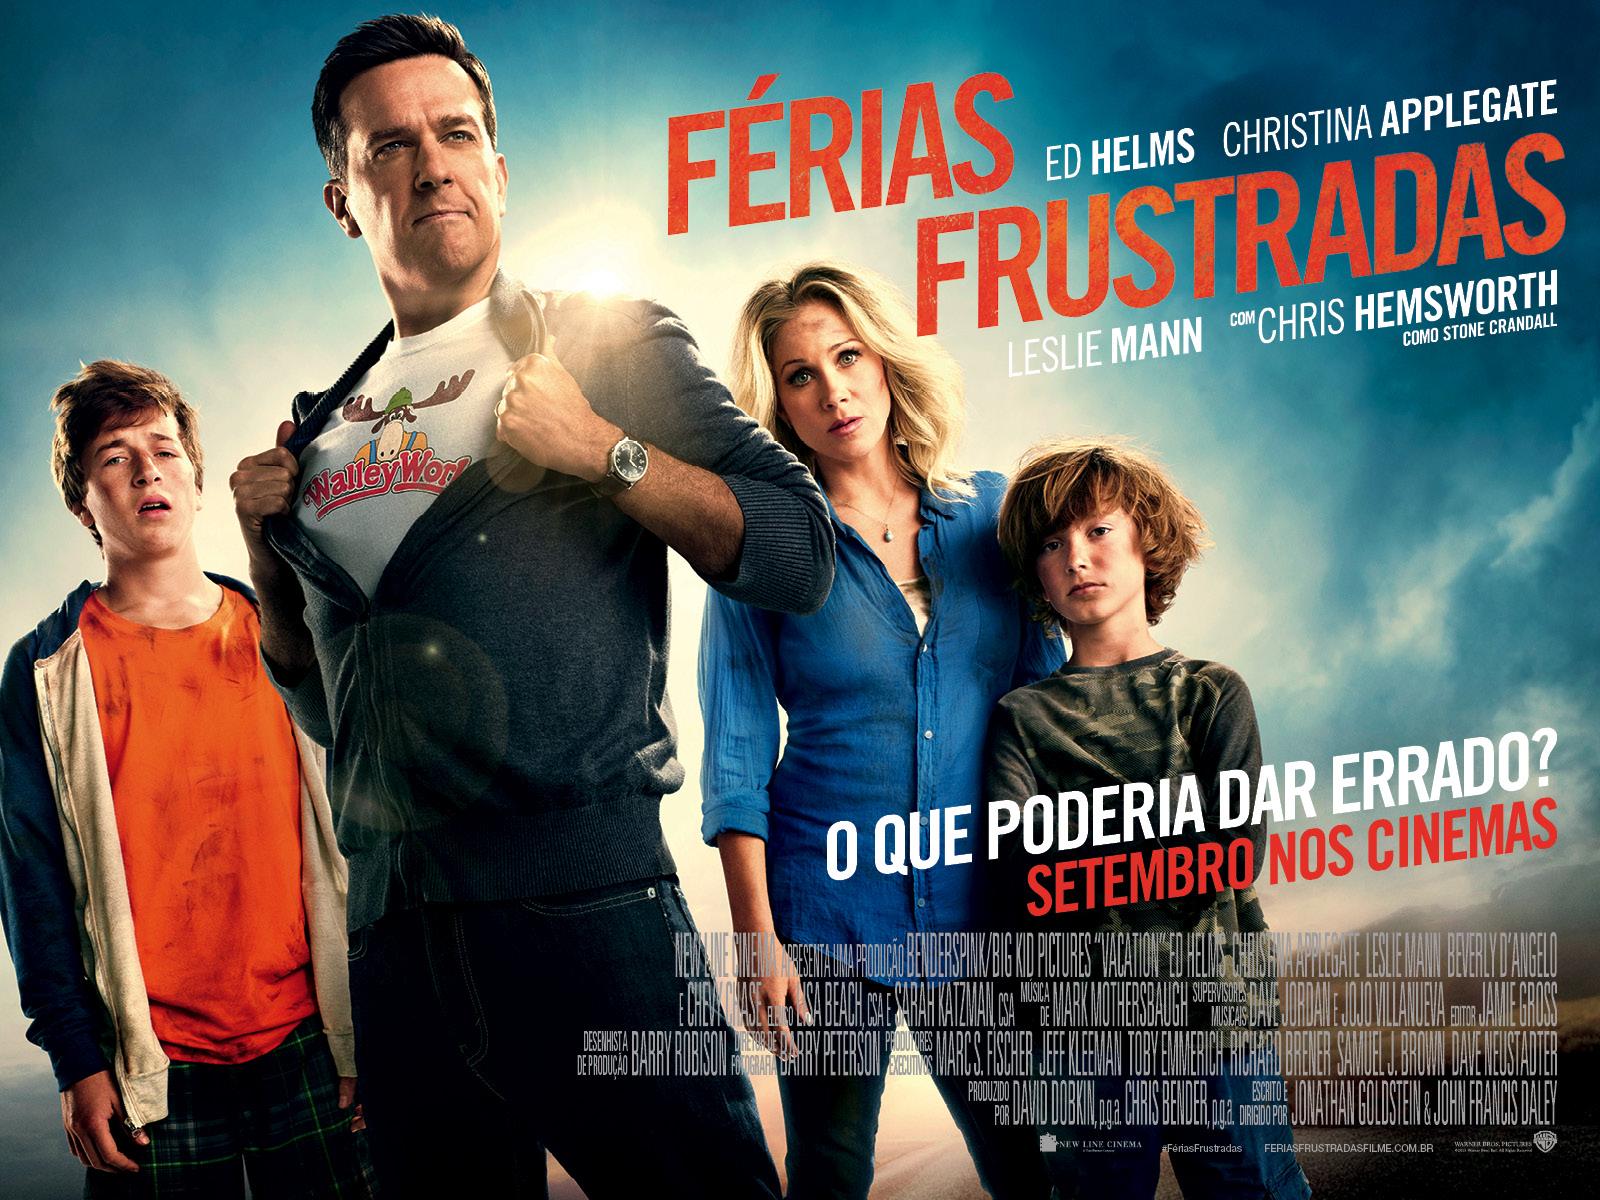 Circuito Cinema Parauapebas : Circuito cinemas parauapebas à